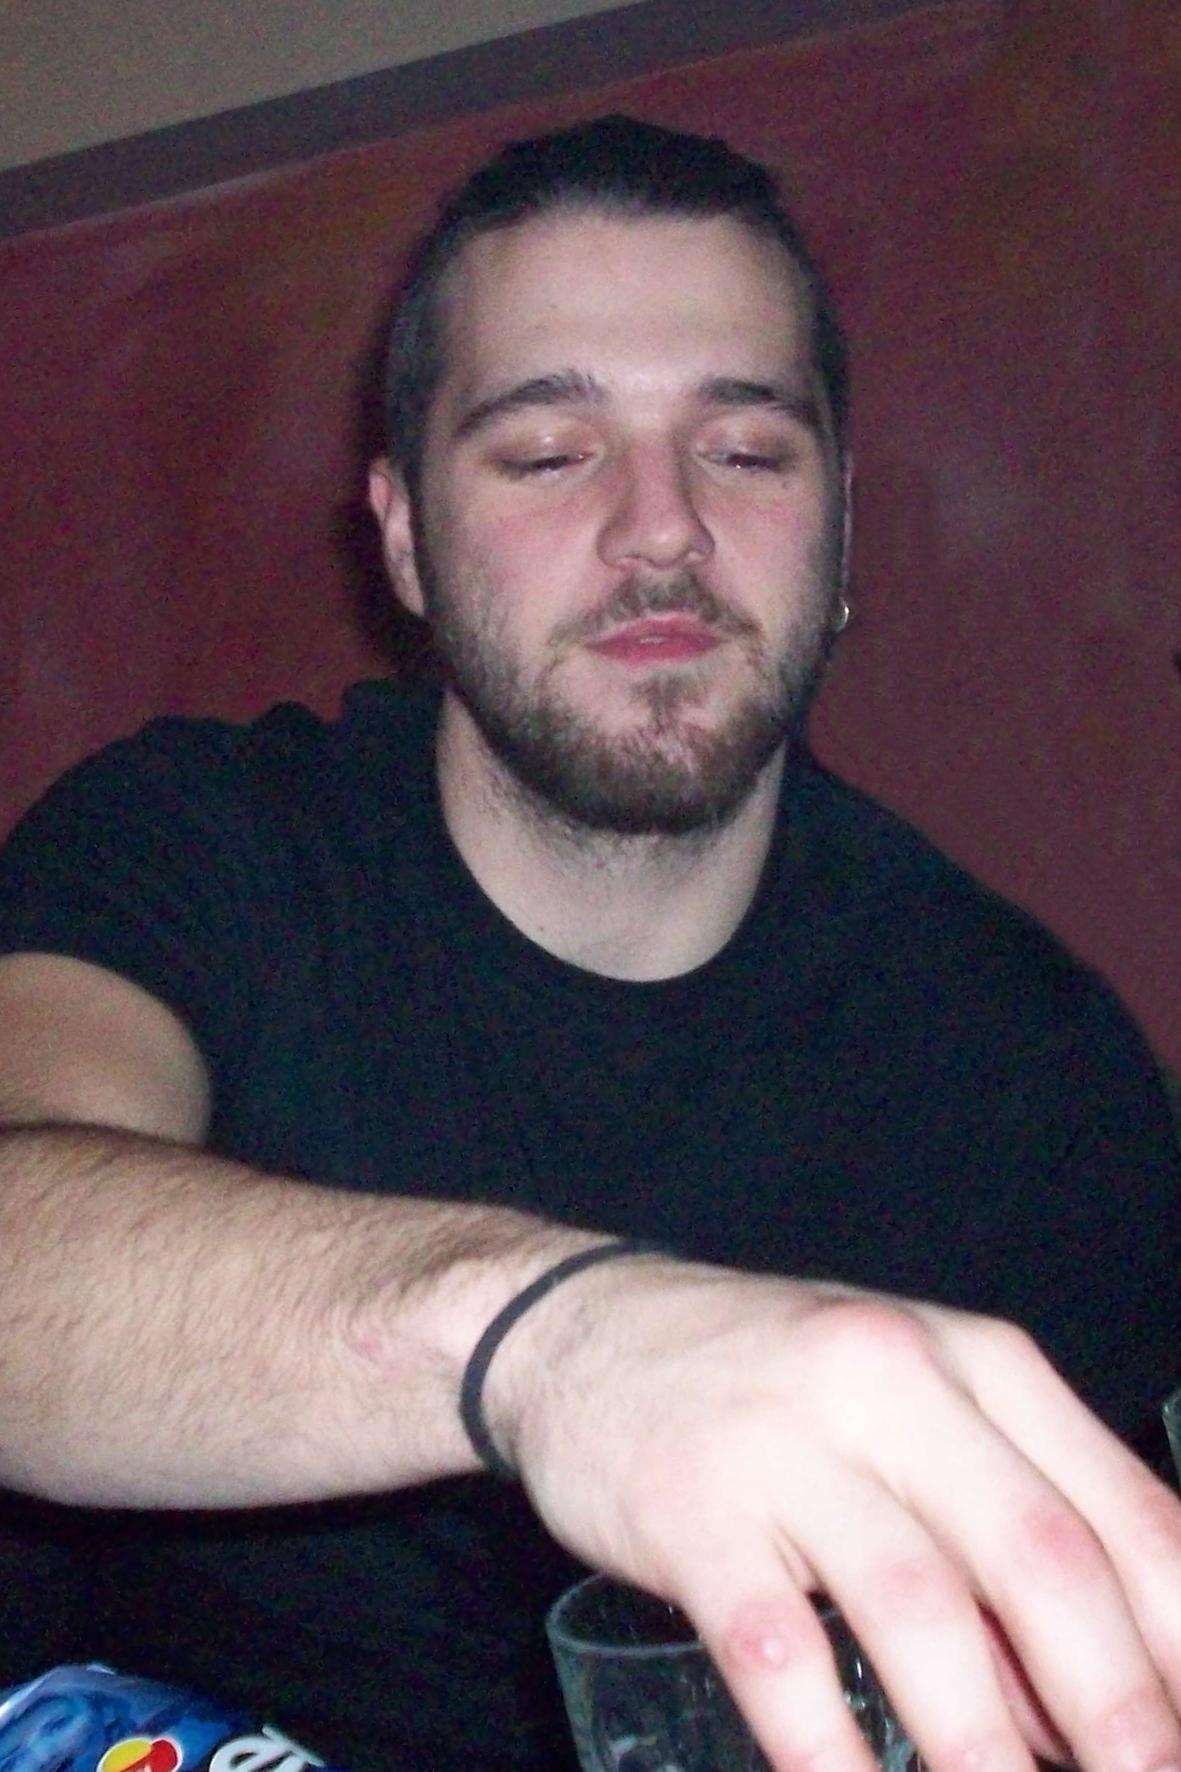 Γεώργιο Νικολόπουλο του Παναγιώτη, ετών 24